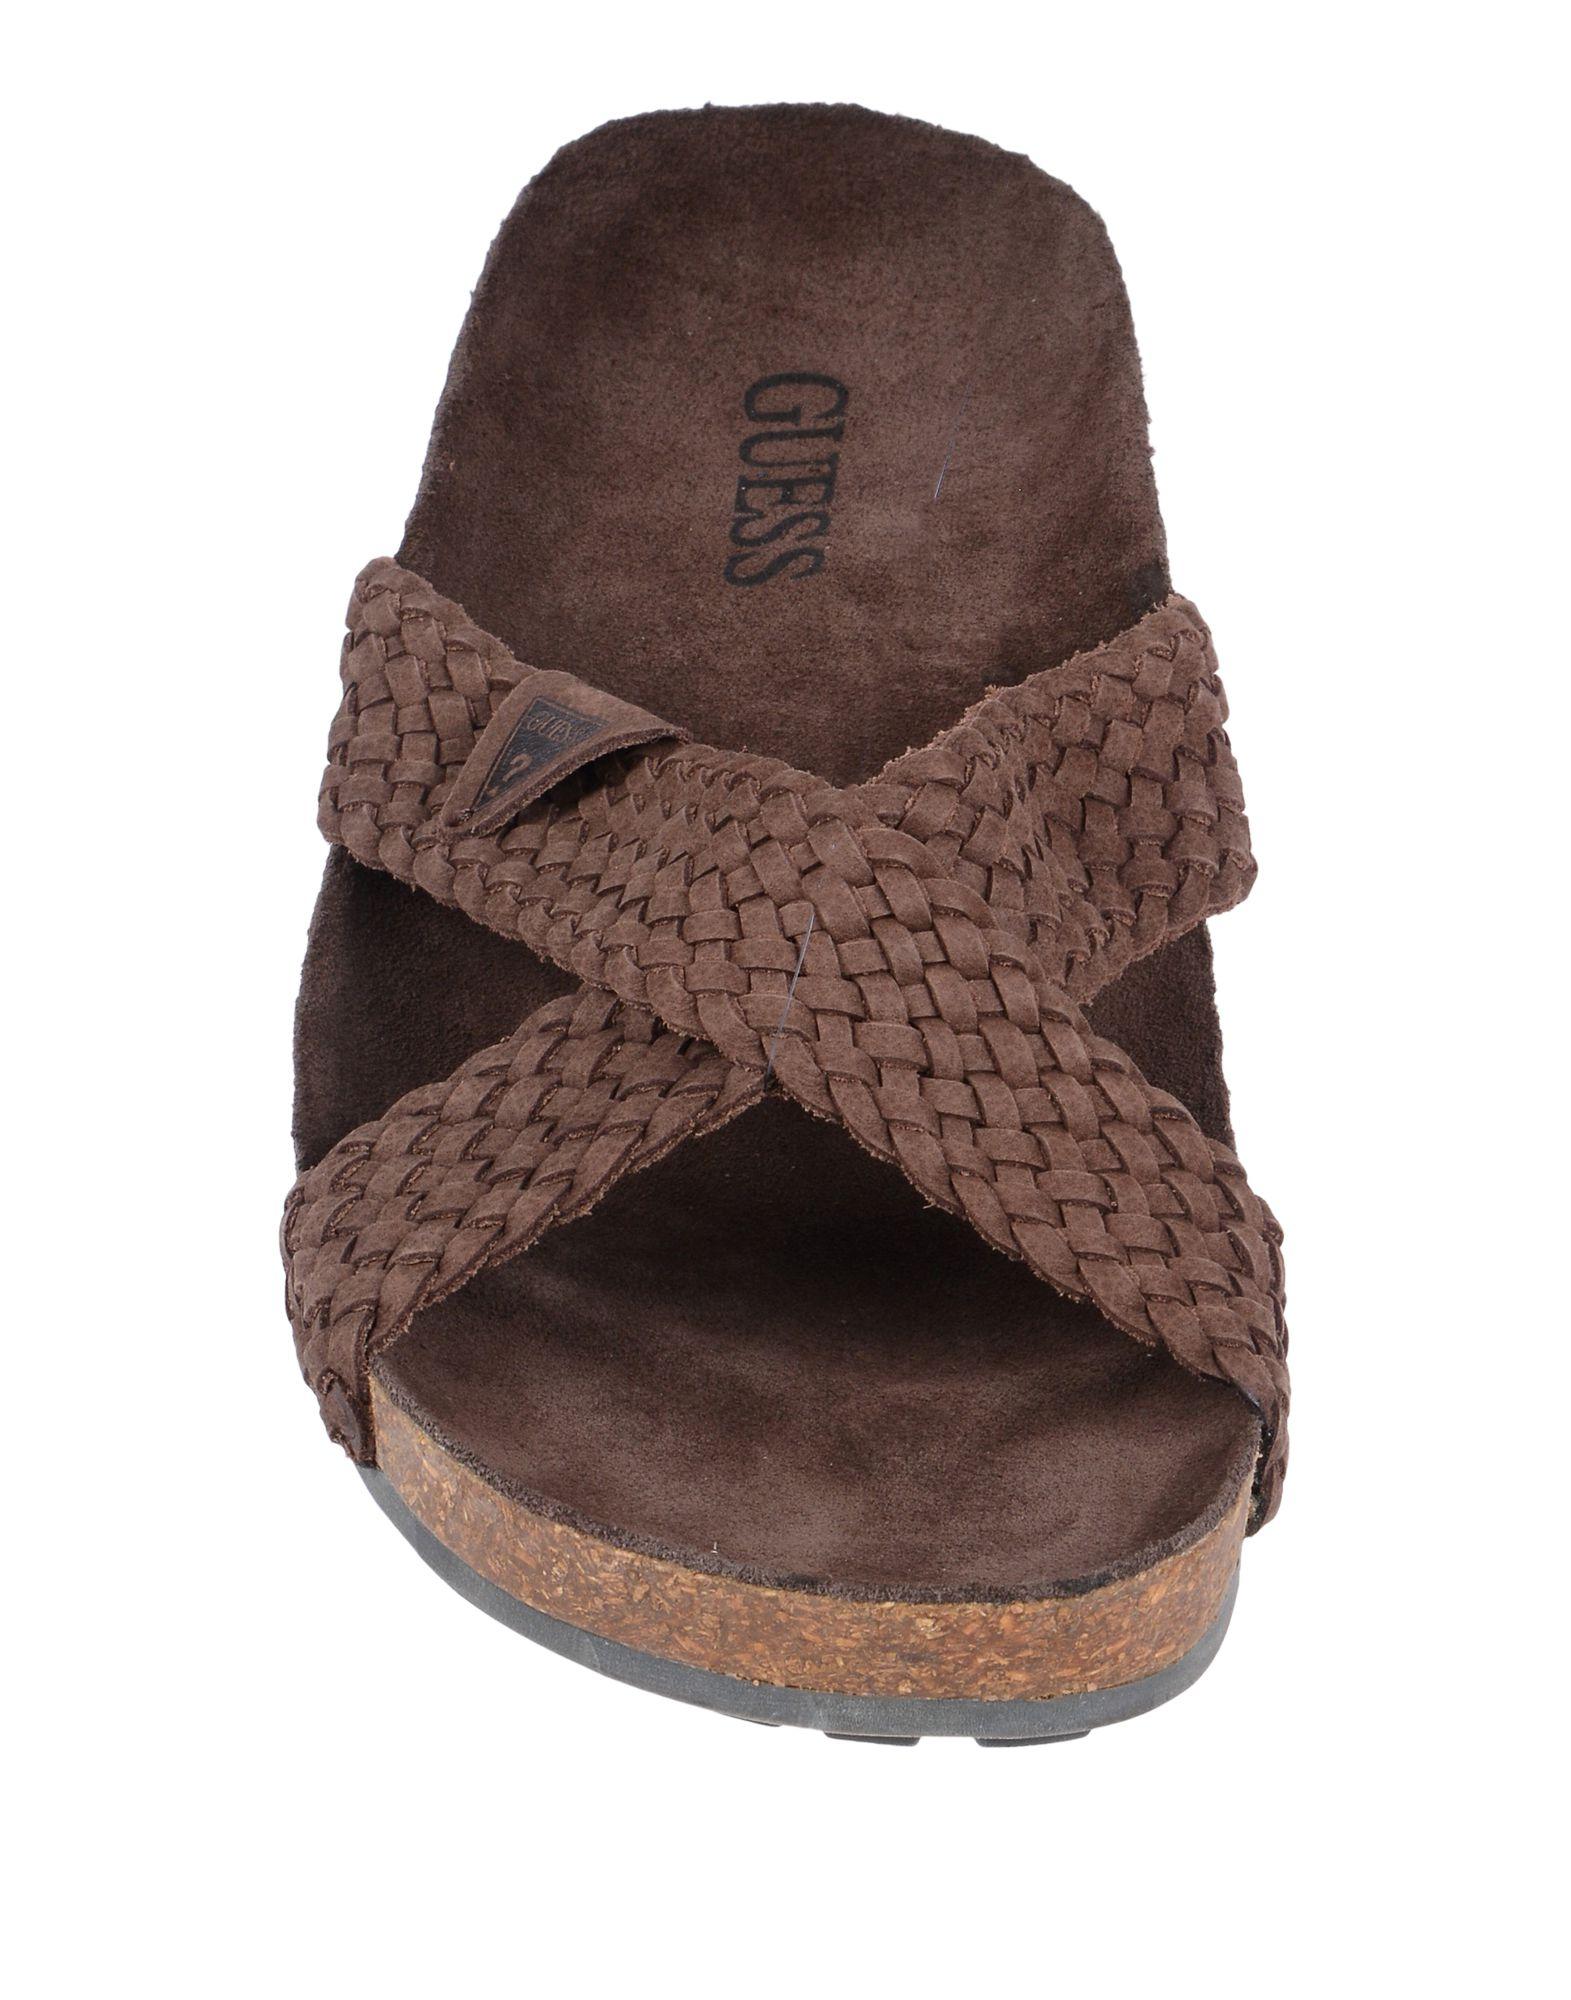 imagine que les sandales - hommes suppose que imagine les sandales en ligne le royaume - uni - 11523363tb 7ad6f7